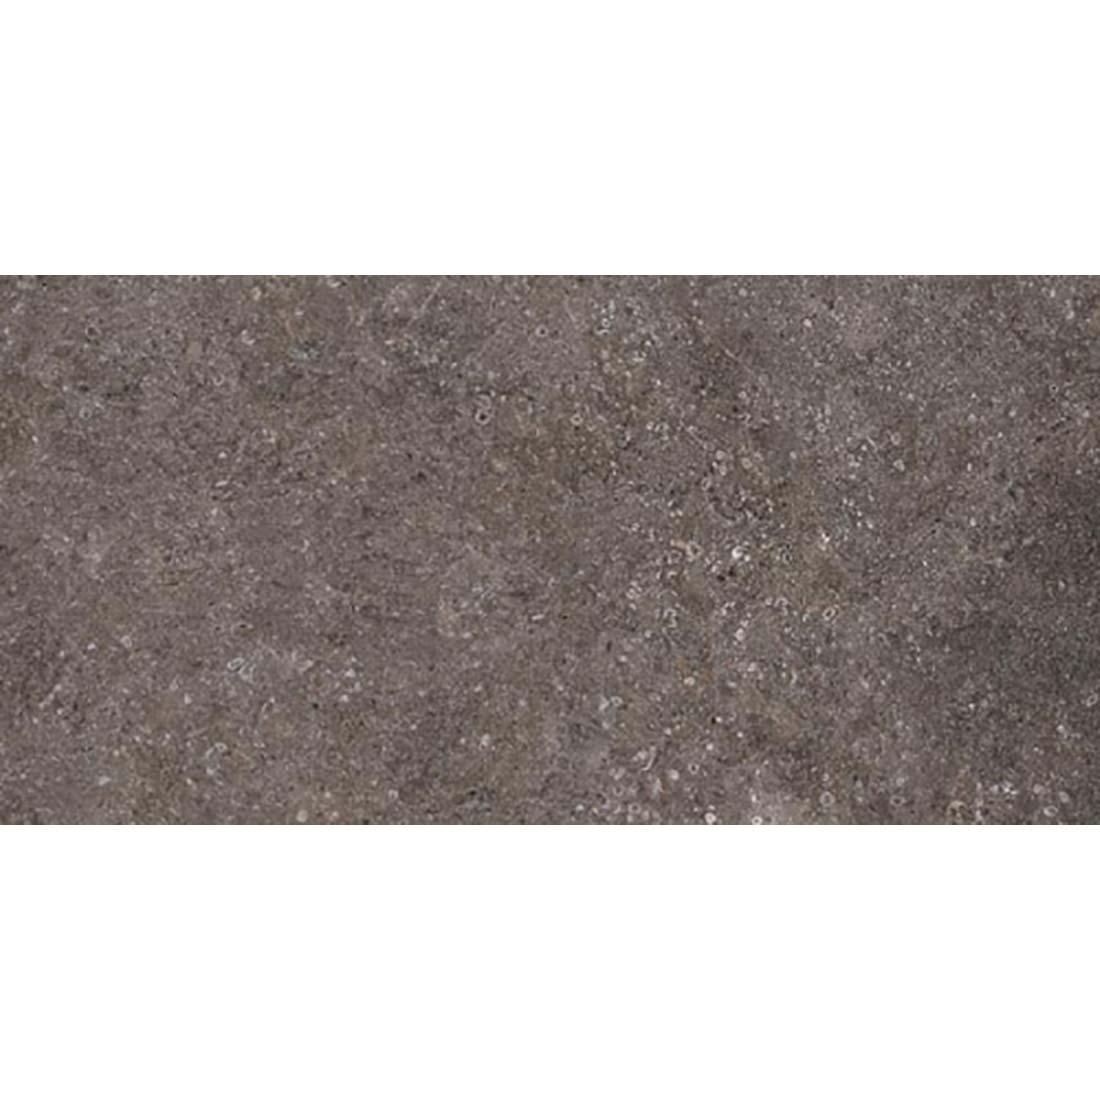 Parvati 30x60 Charcoal Matt 1